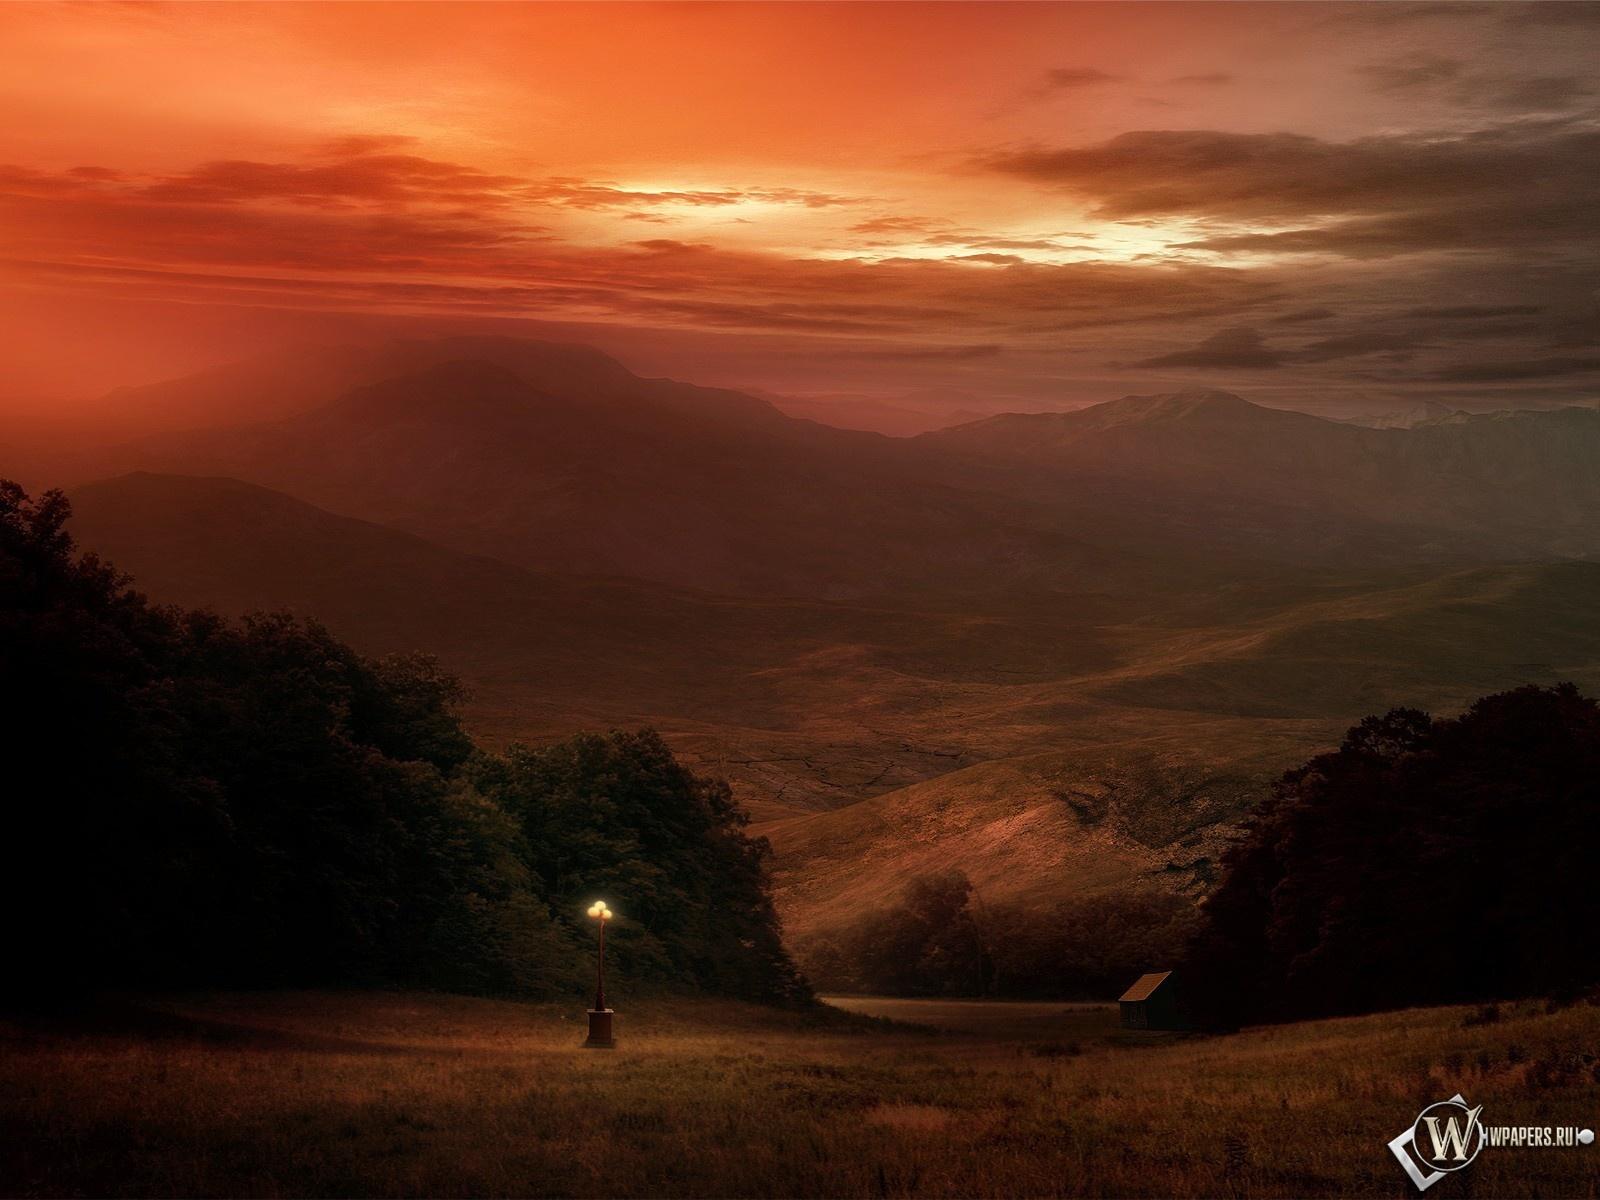 Вечерний пейзаж 1600x1200